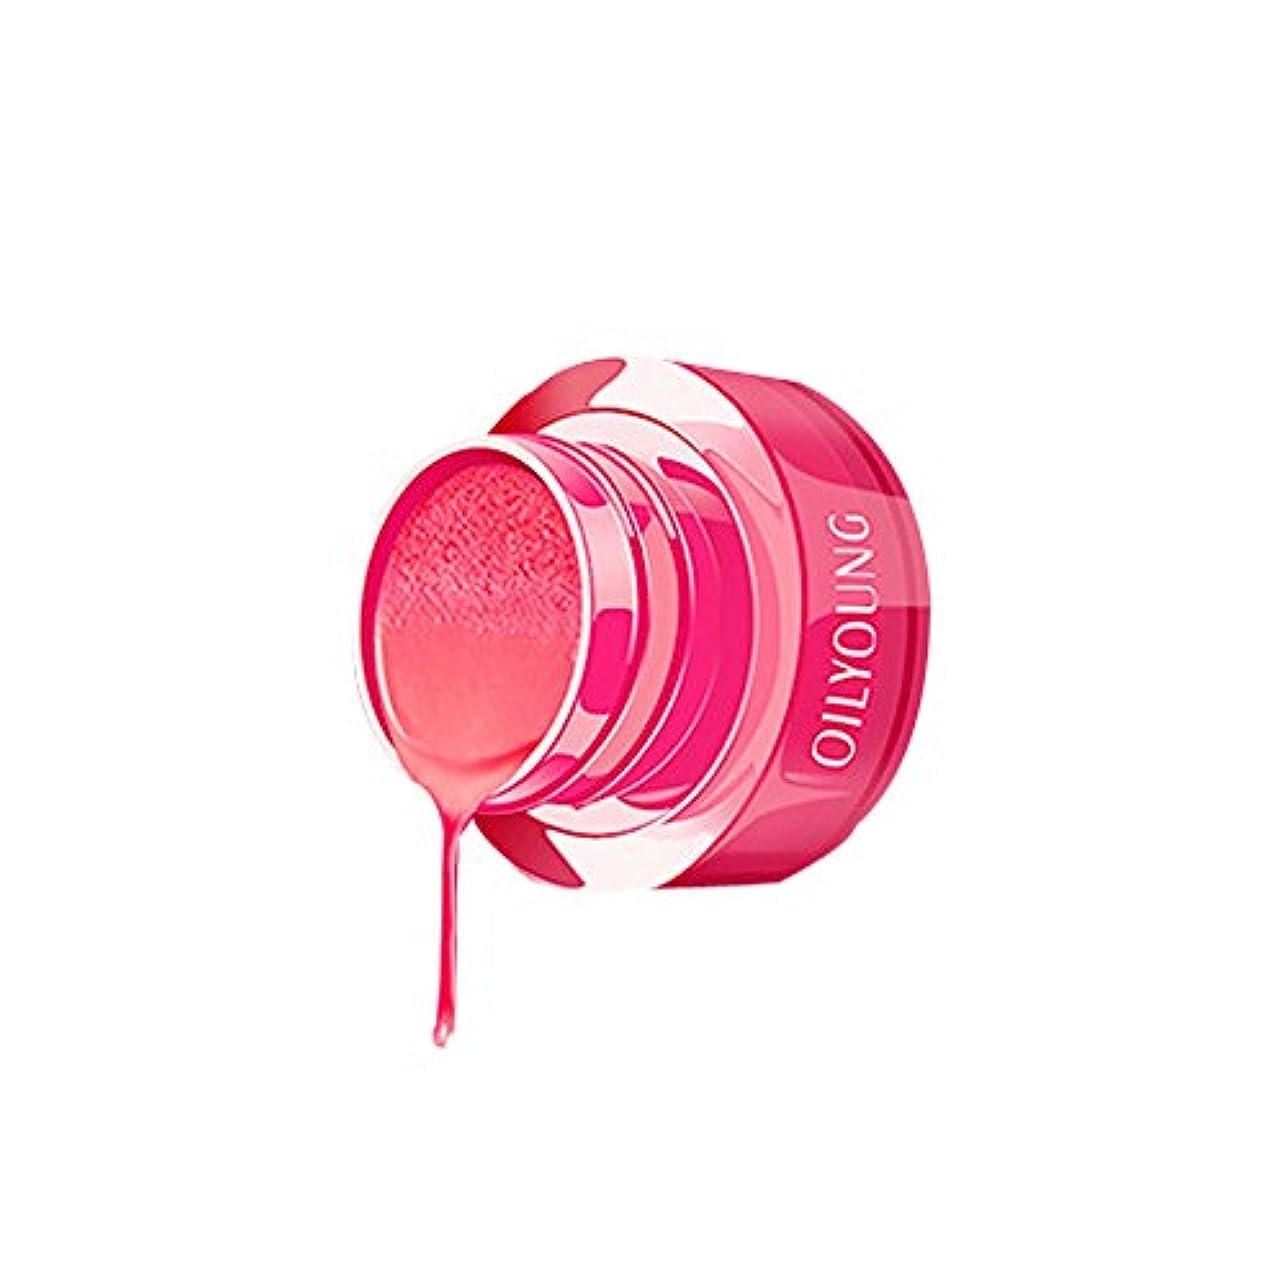 突破口宝手首リップスティック 3グラム エアクッション口紅 ノーブル リップクリーム グラデーション 保湿 リップバーム リップグロス 化粧品 液体 水和 ツヤツヤな潤い肌の色を見せるルージュhuajuan